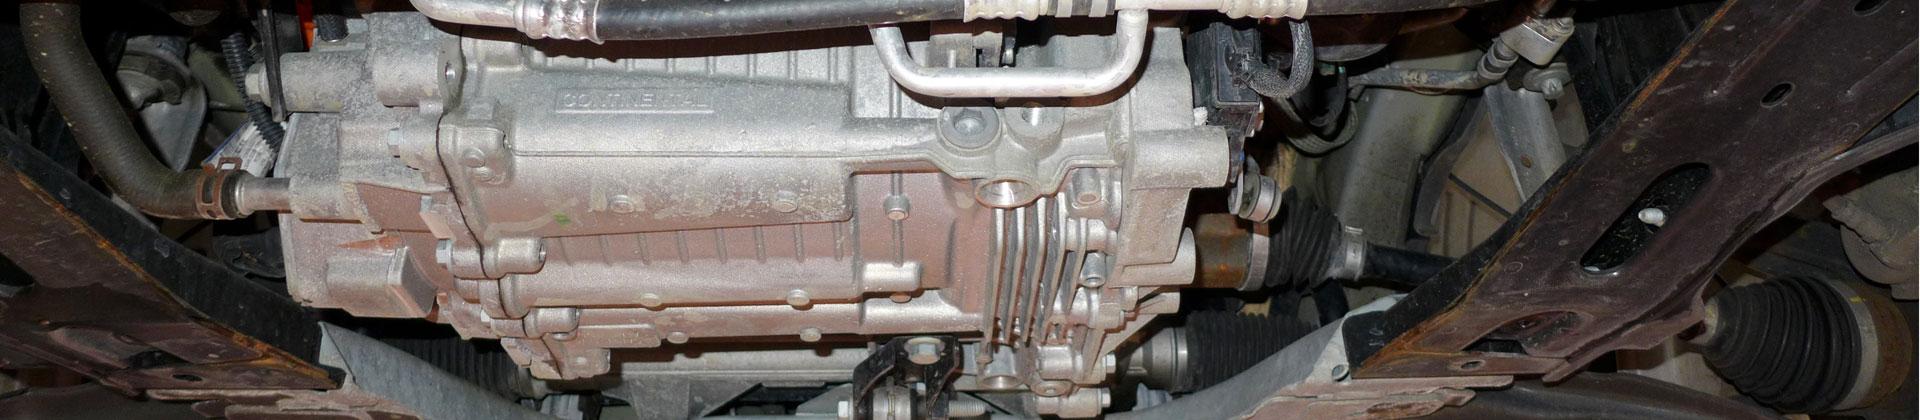 Antriebsaggregat im Renault ZOE (Symbolbild).